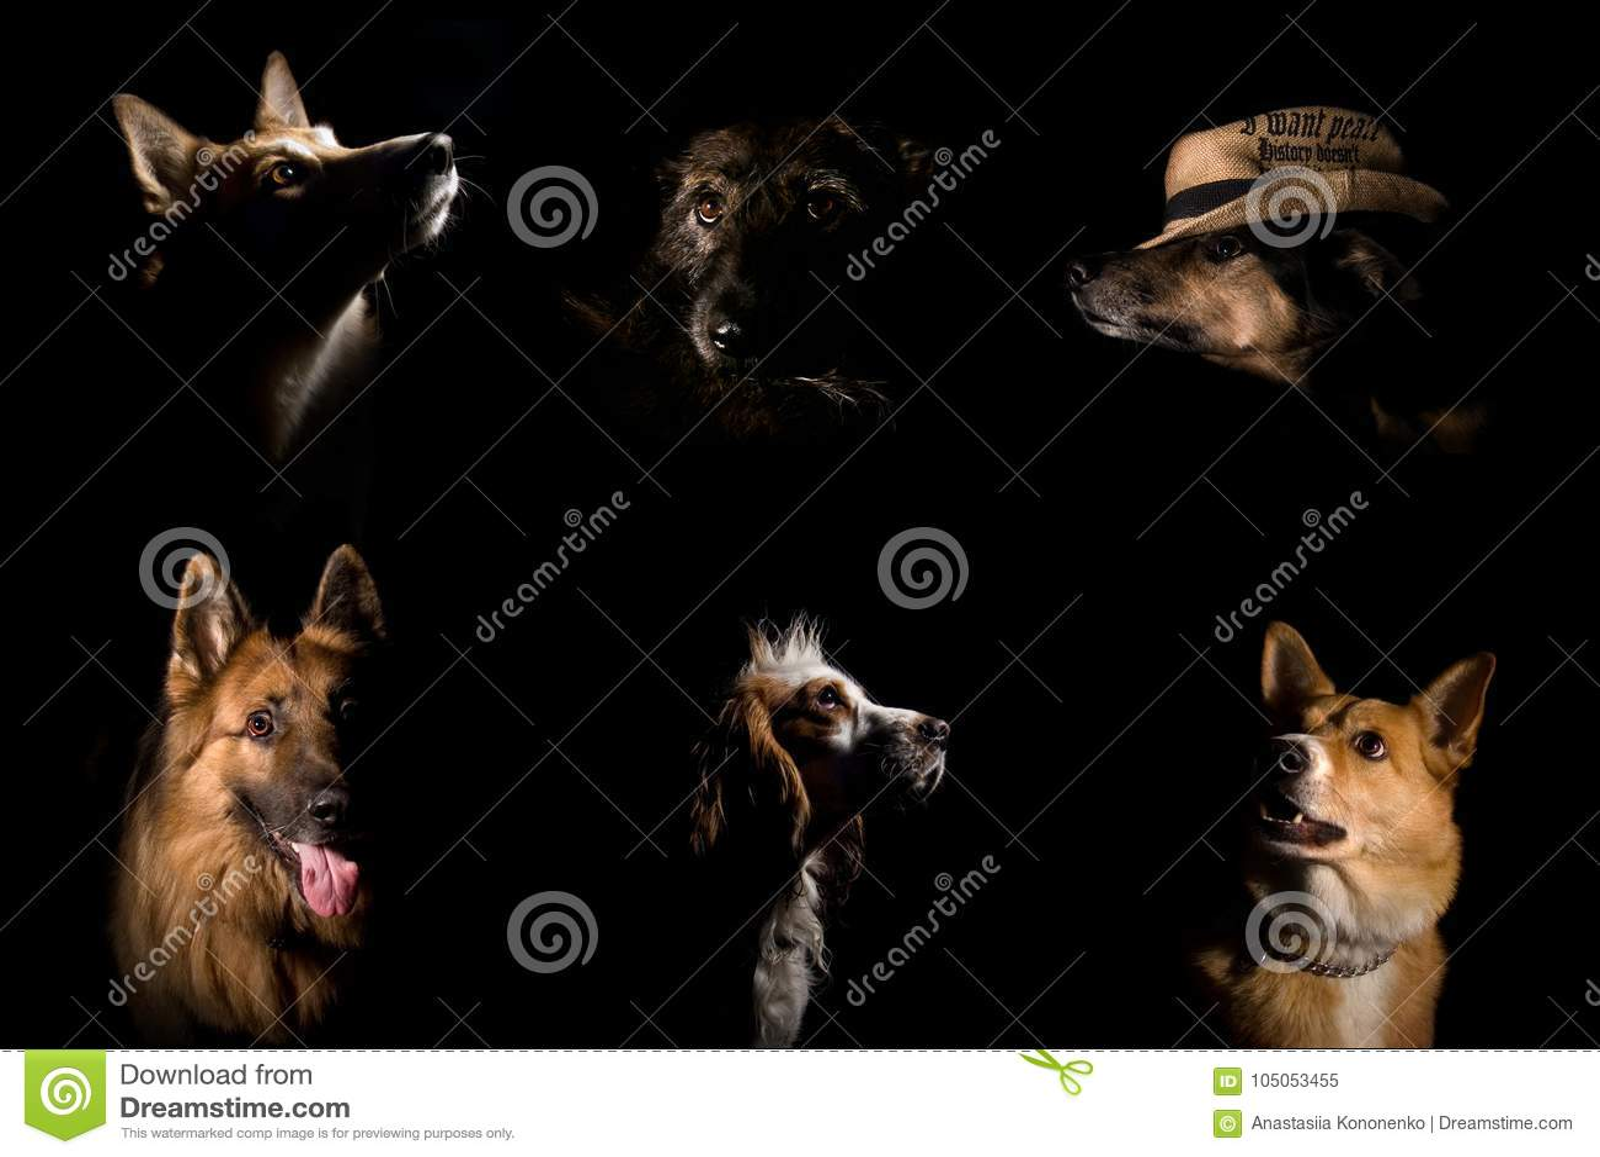 Portretten van een paar verschillende honden op een zwarte achtergrond